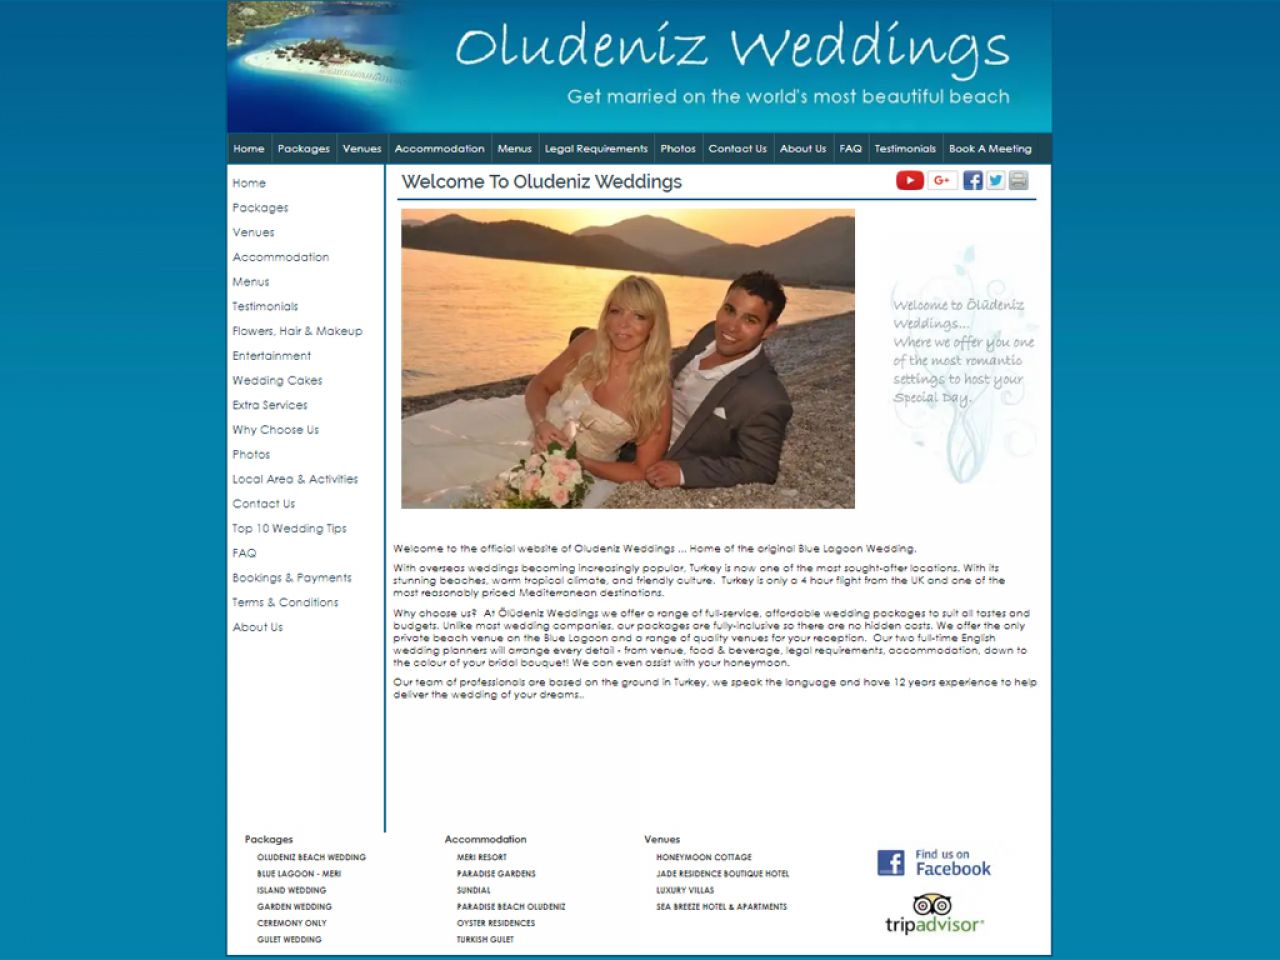 Olüdeniz Weddings